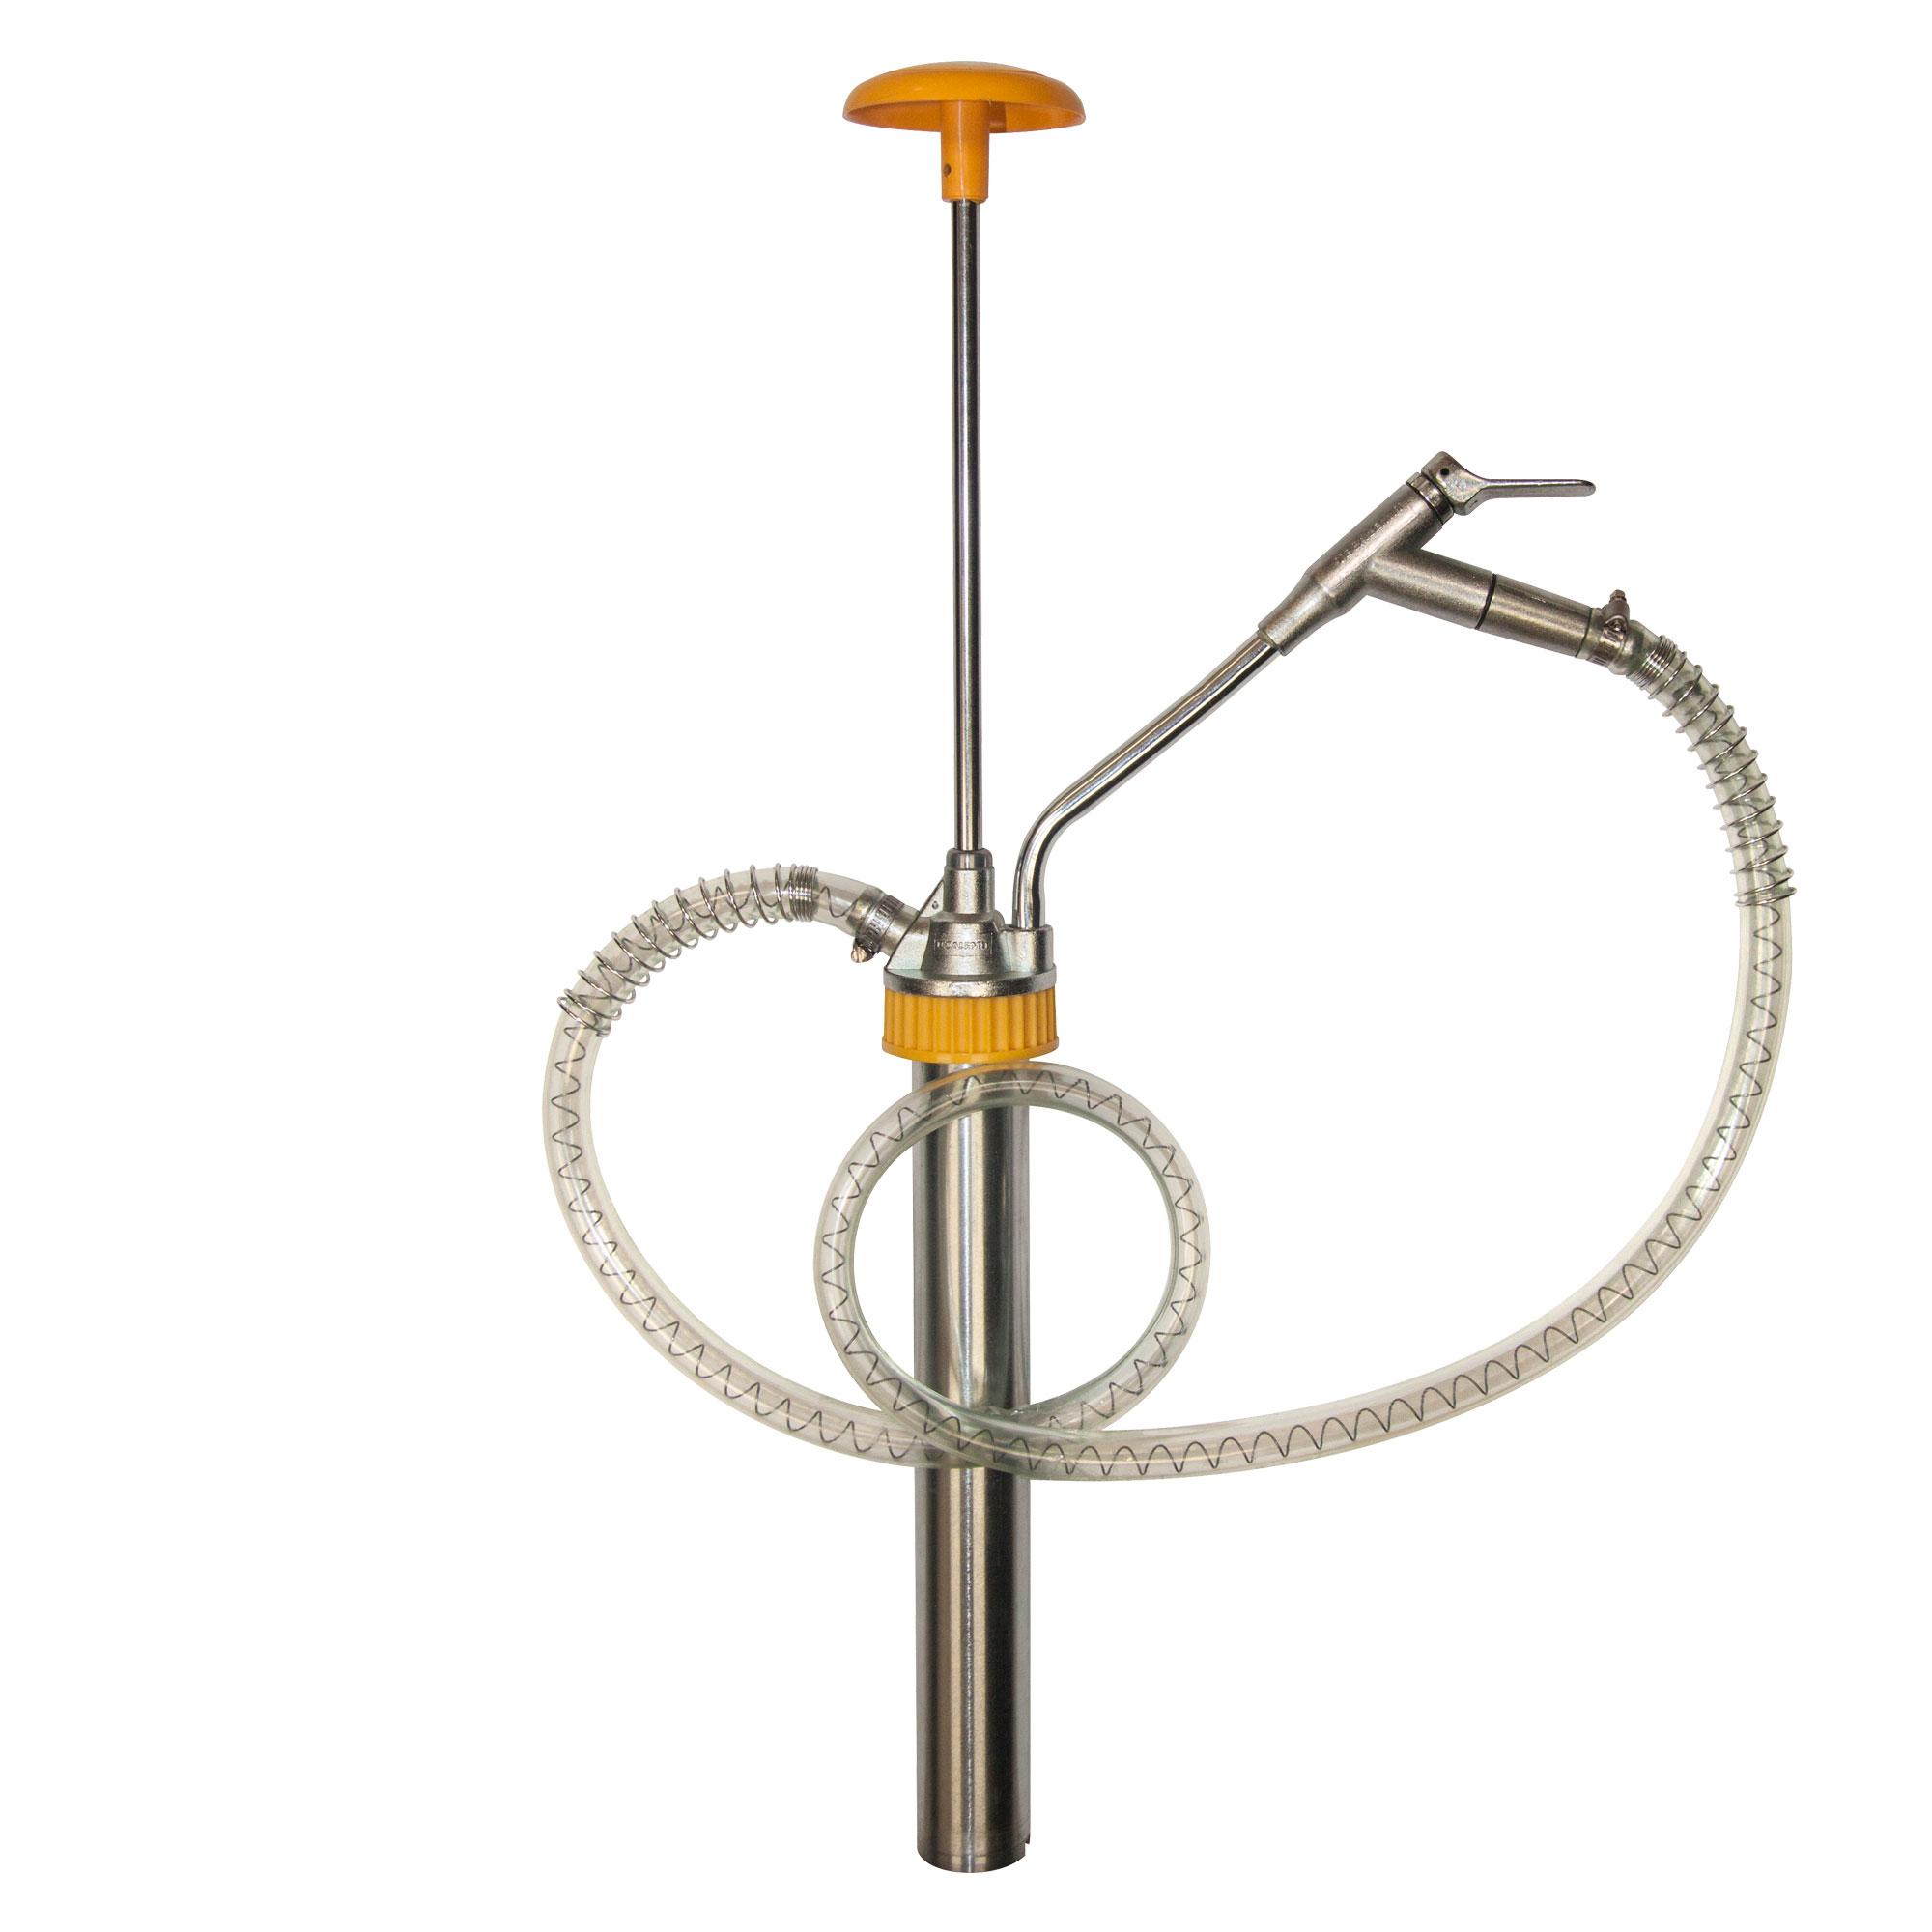 TEC50520 - 20L Oil Spring Pump